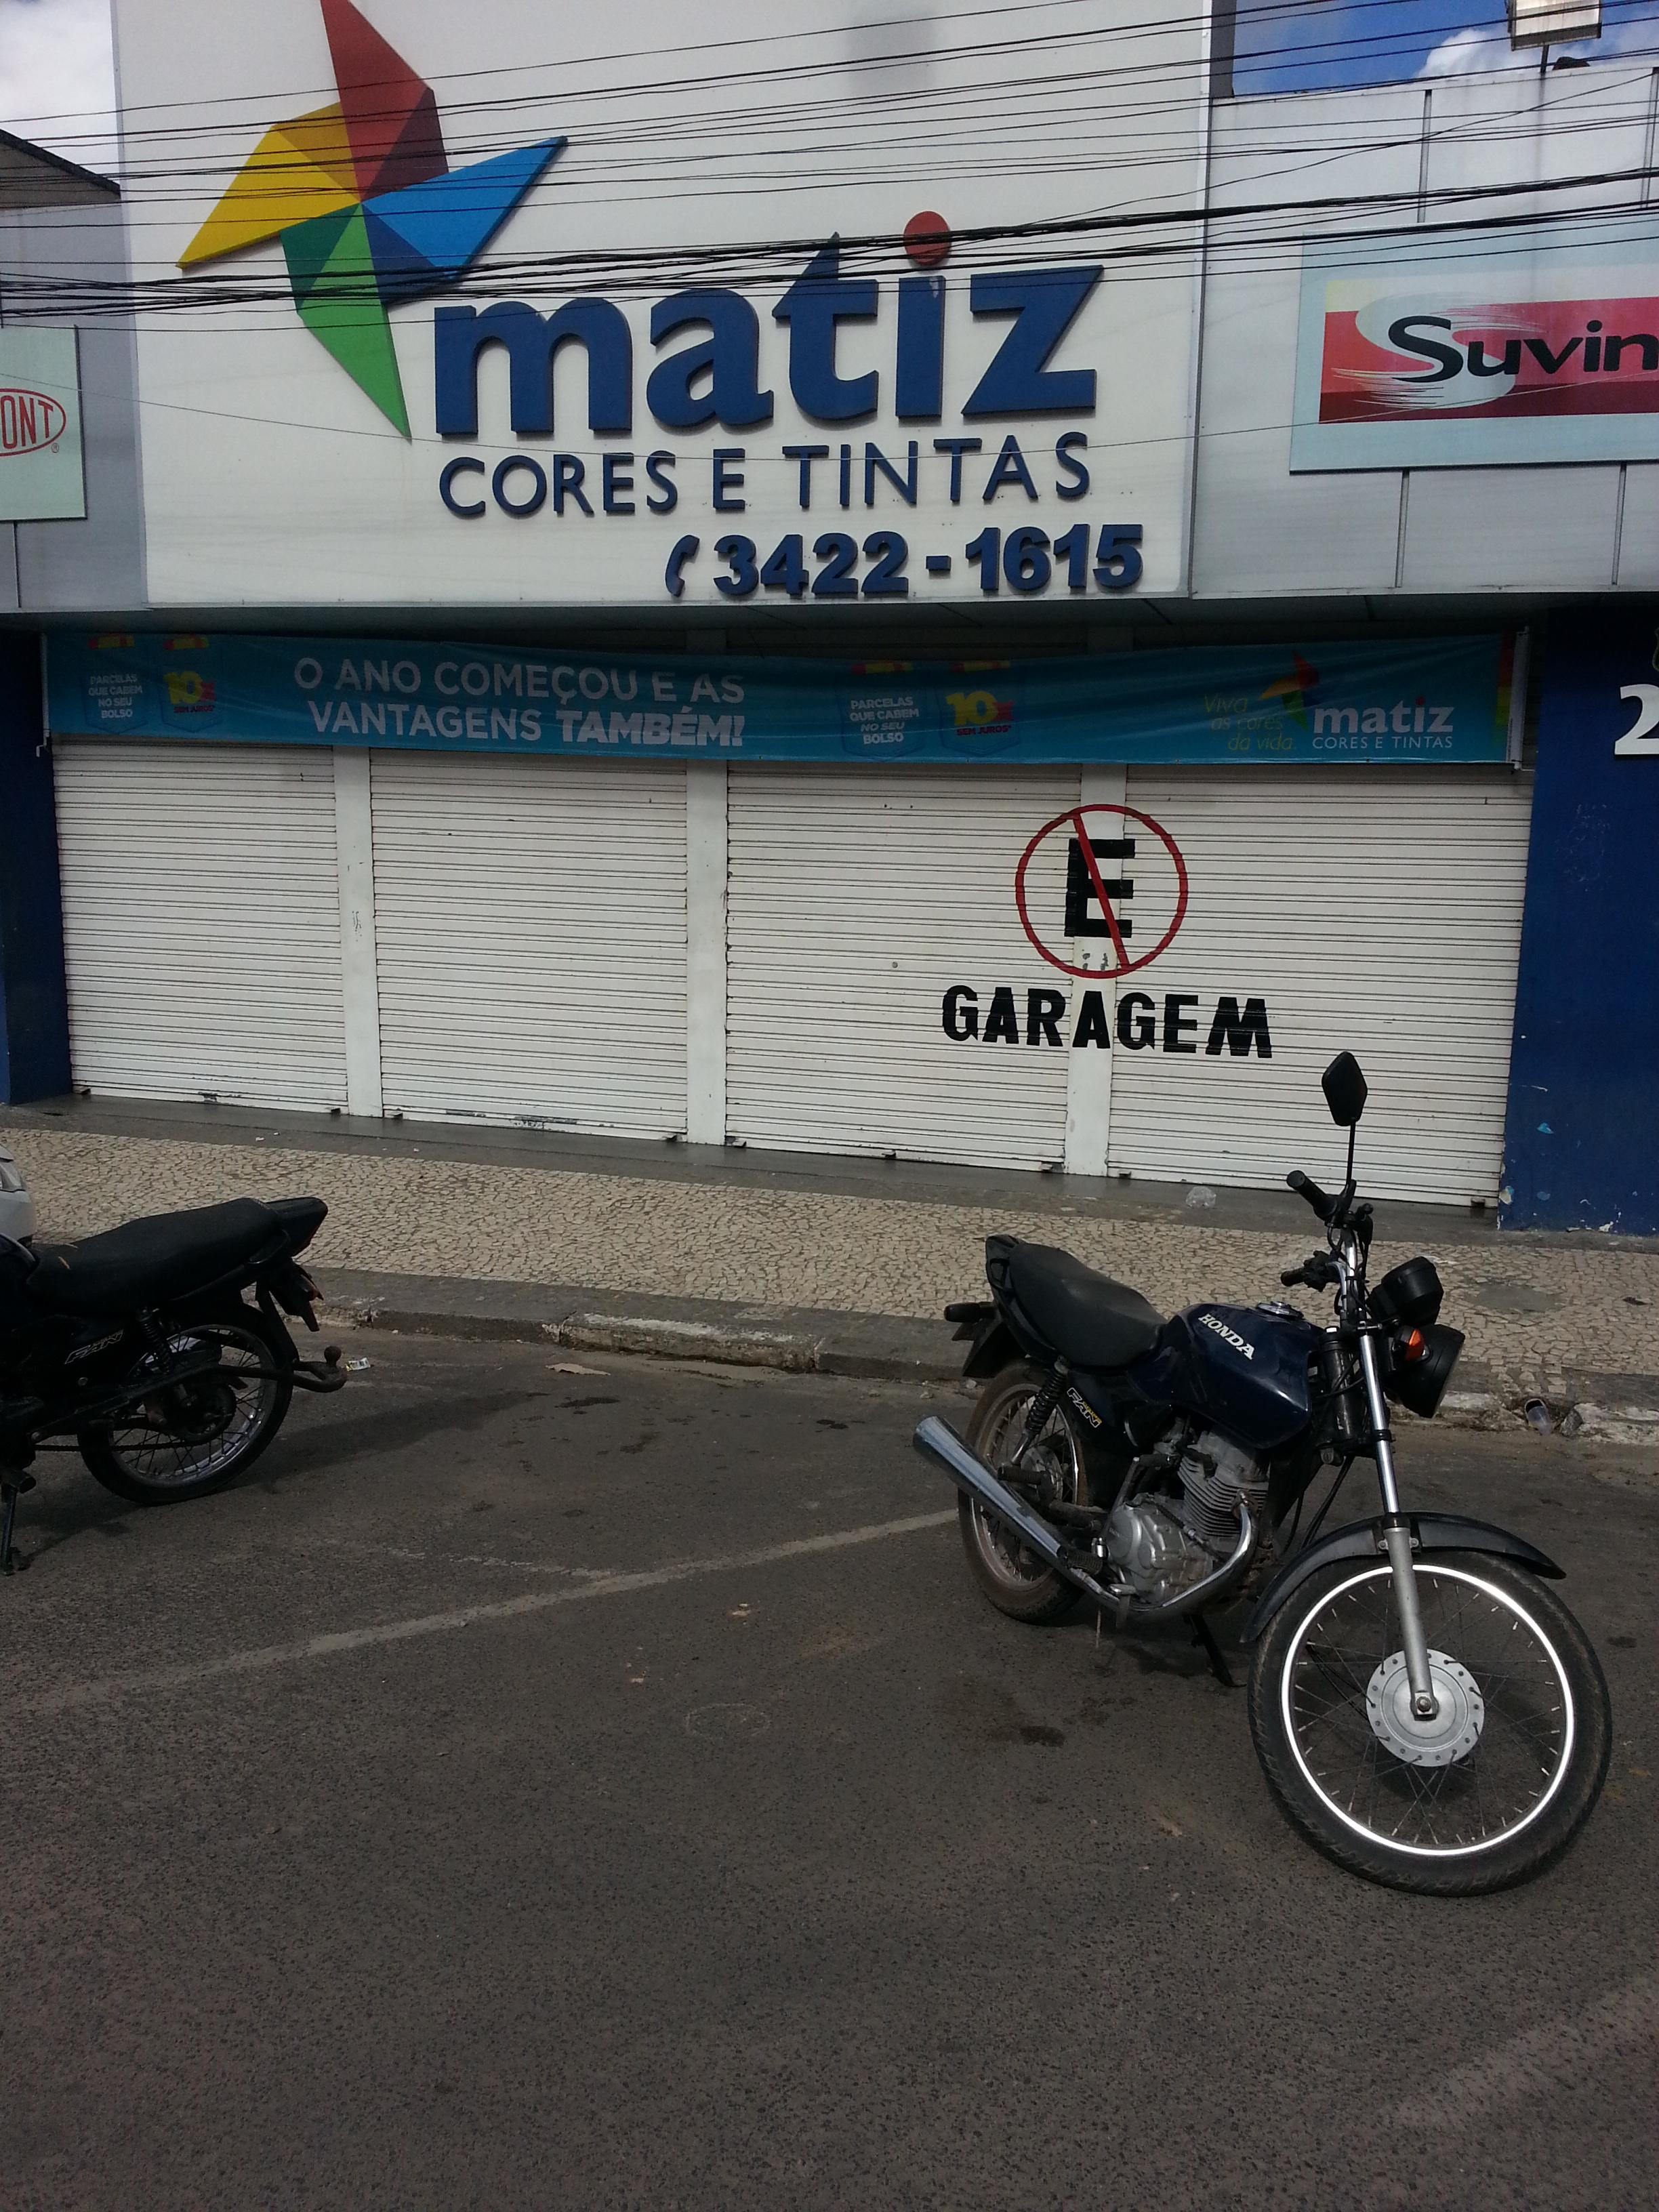 TINTAS MATIZ 2